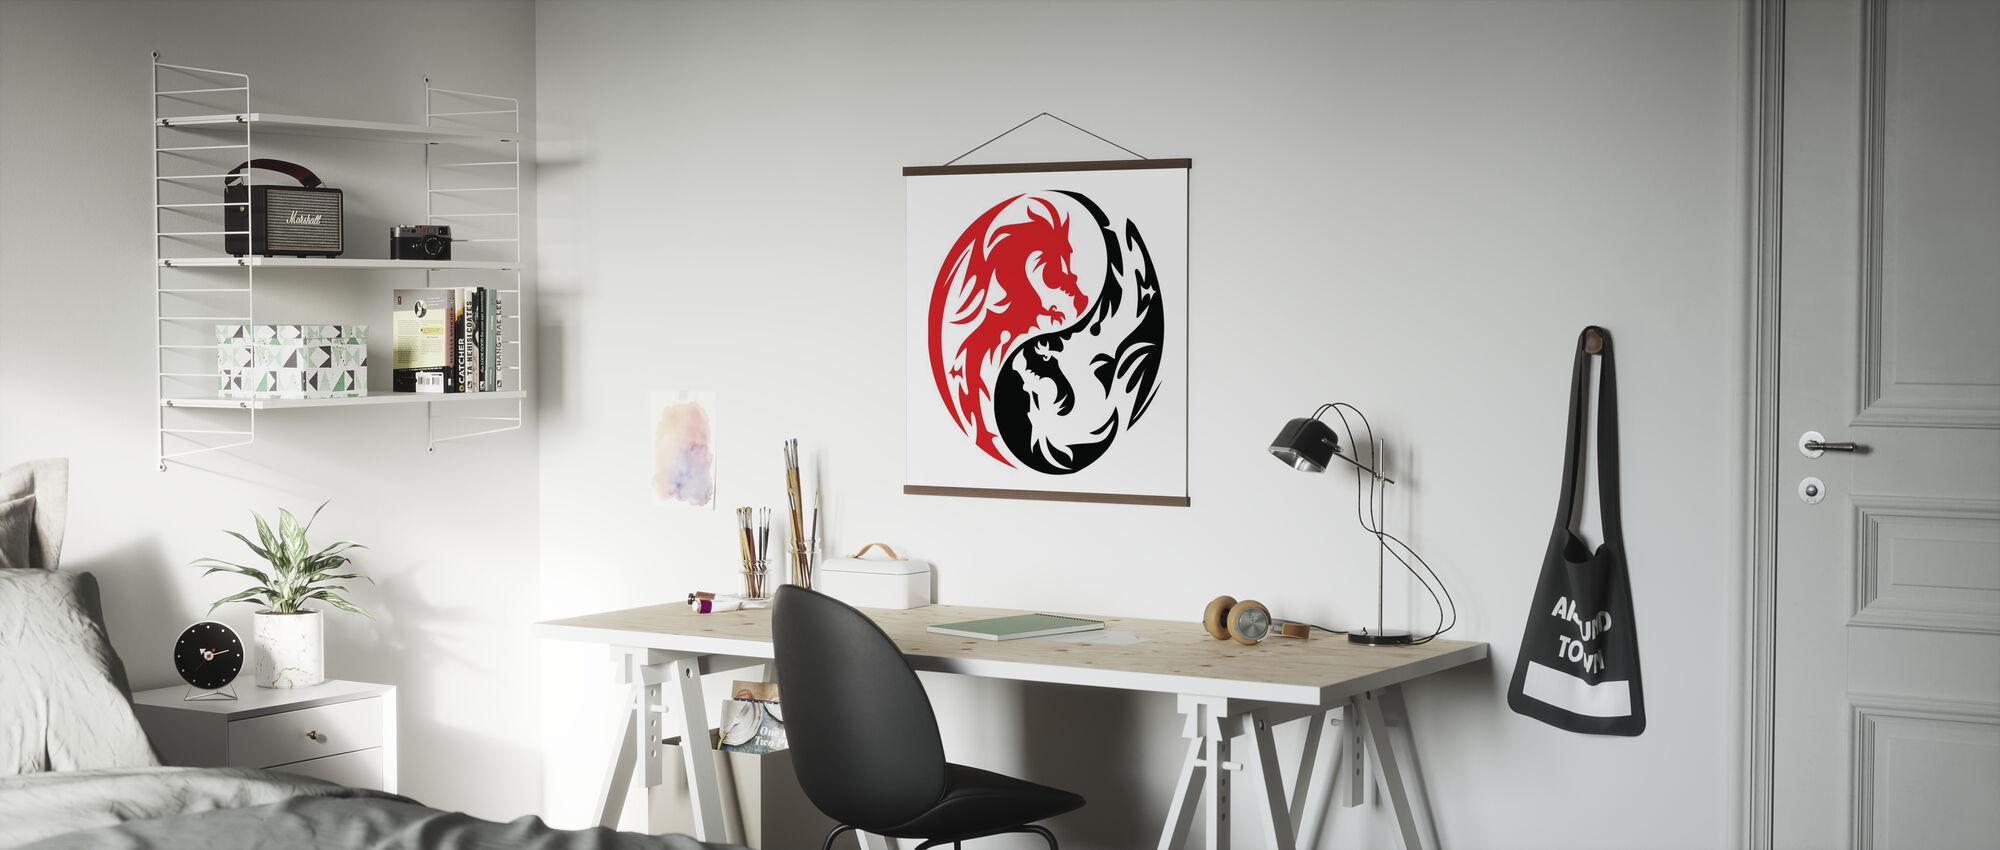 Kreis Drachen - Rot - Poster - Büro